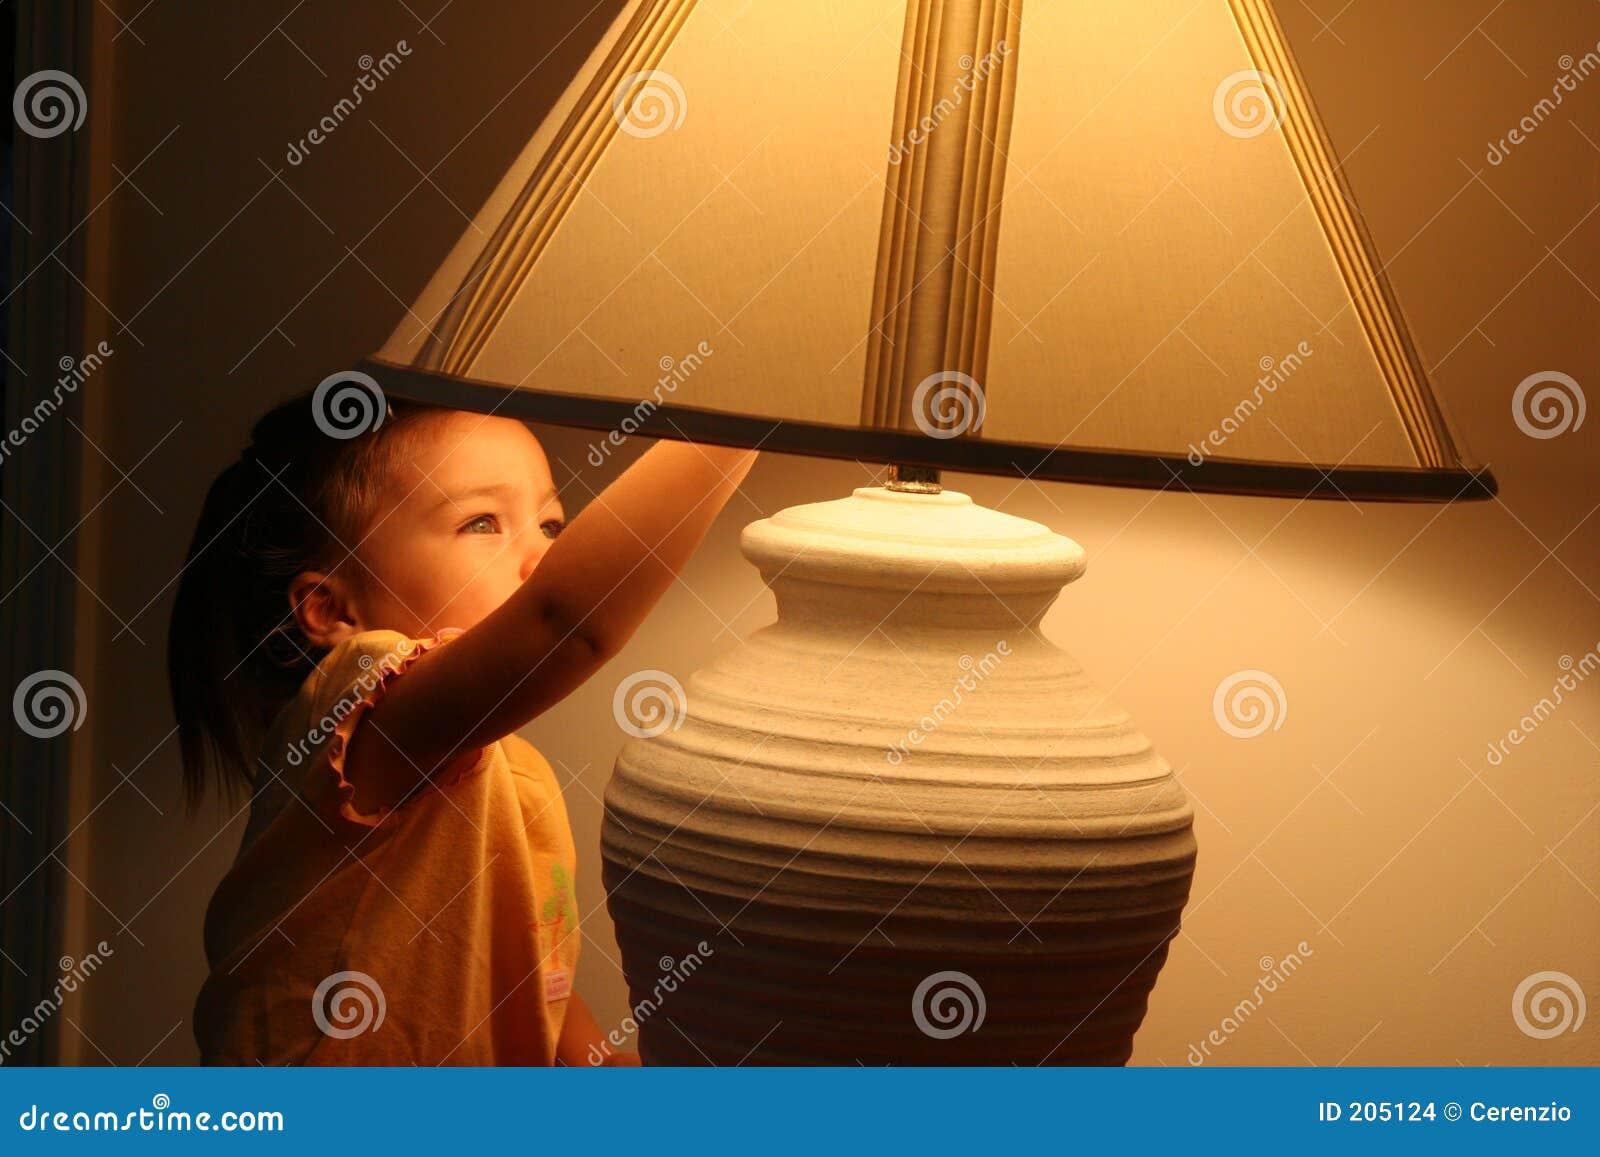 Desligando as luzes